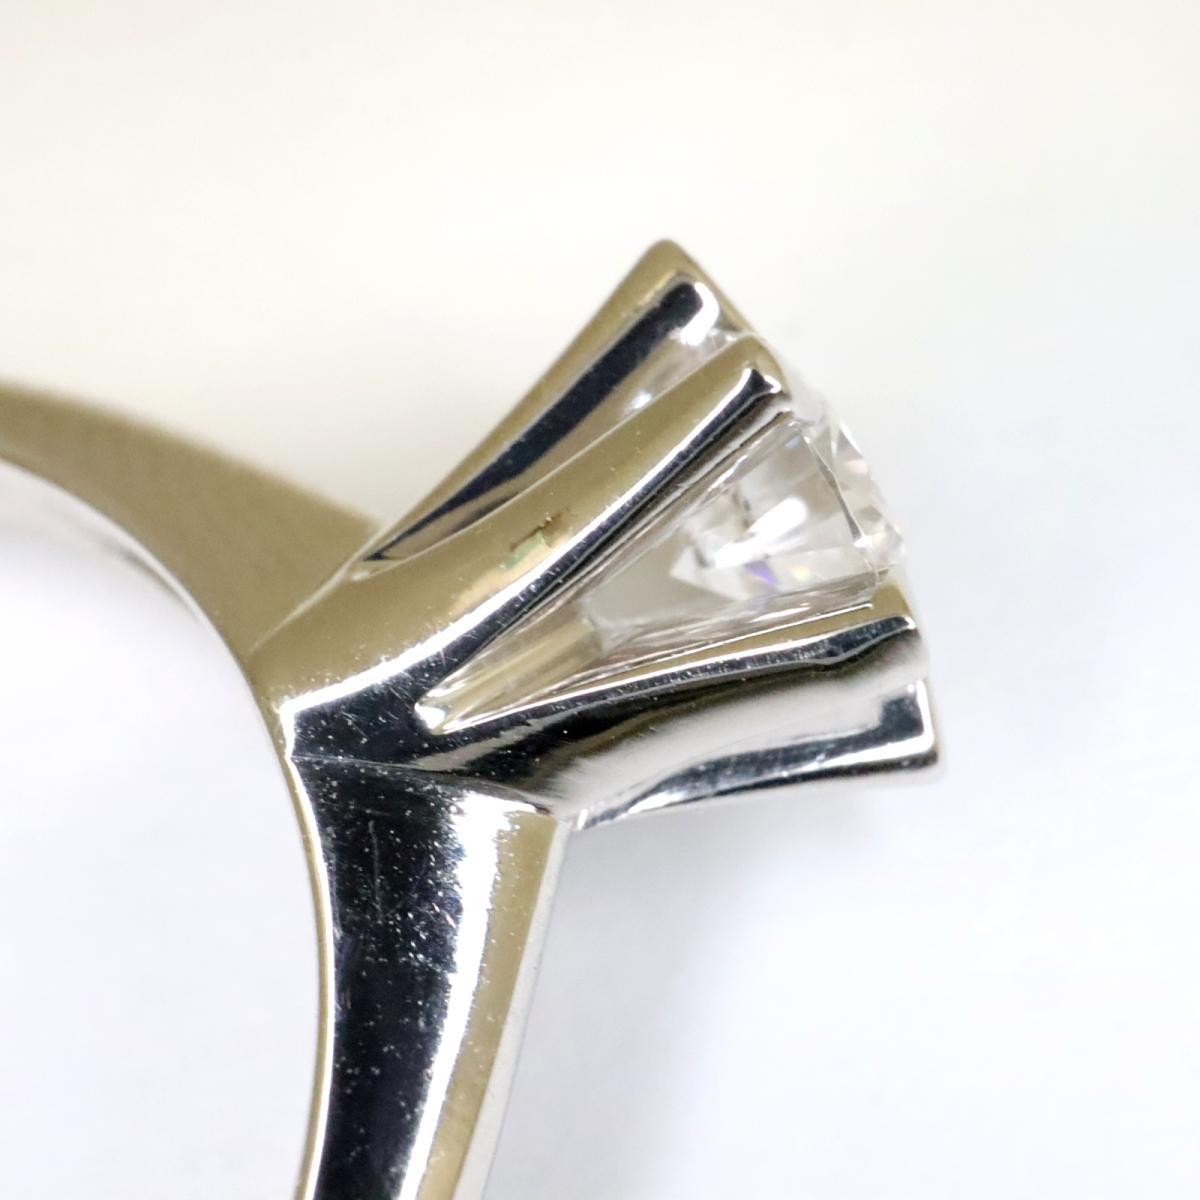 ジュエリー ダイヤモンド リング 指輪 レディース PT900 プラチナ x0 29ctクリアー シルバーJEWELRY BRANDOFF ブランドオフ ブランド アクセサリー9EHIWD2eY